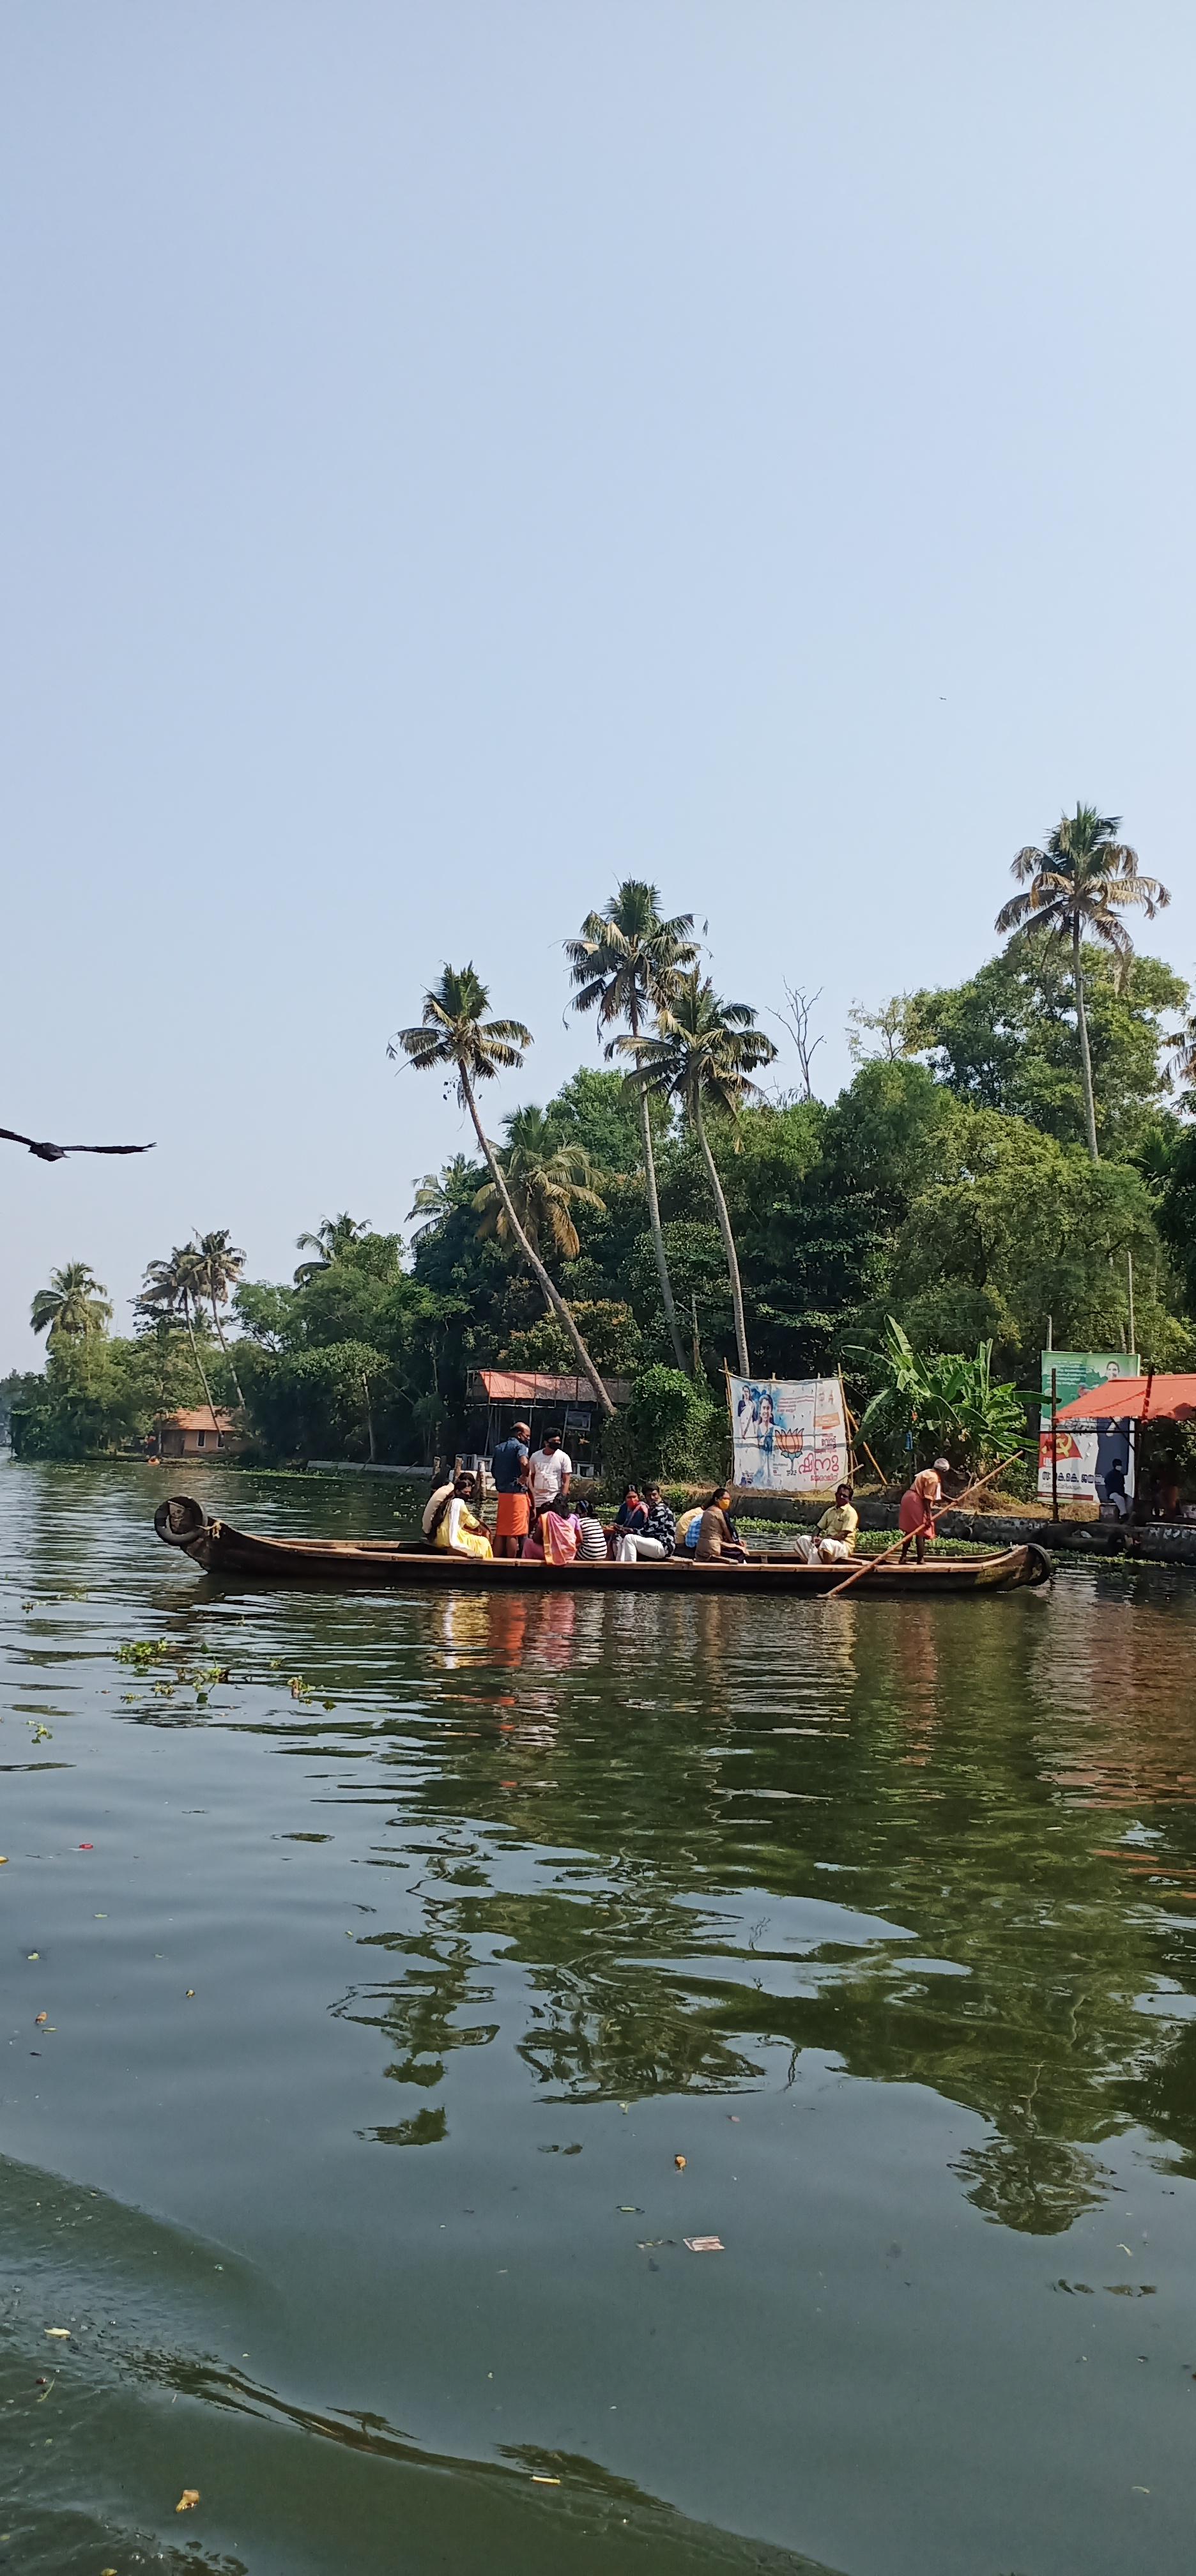 Alleppy_Backwaters_Kerala_people_on_boat